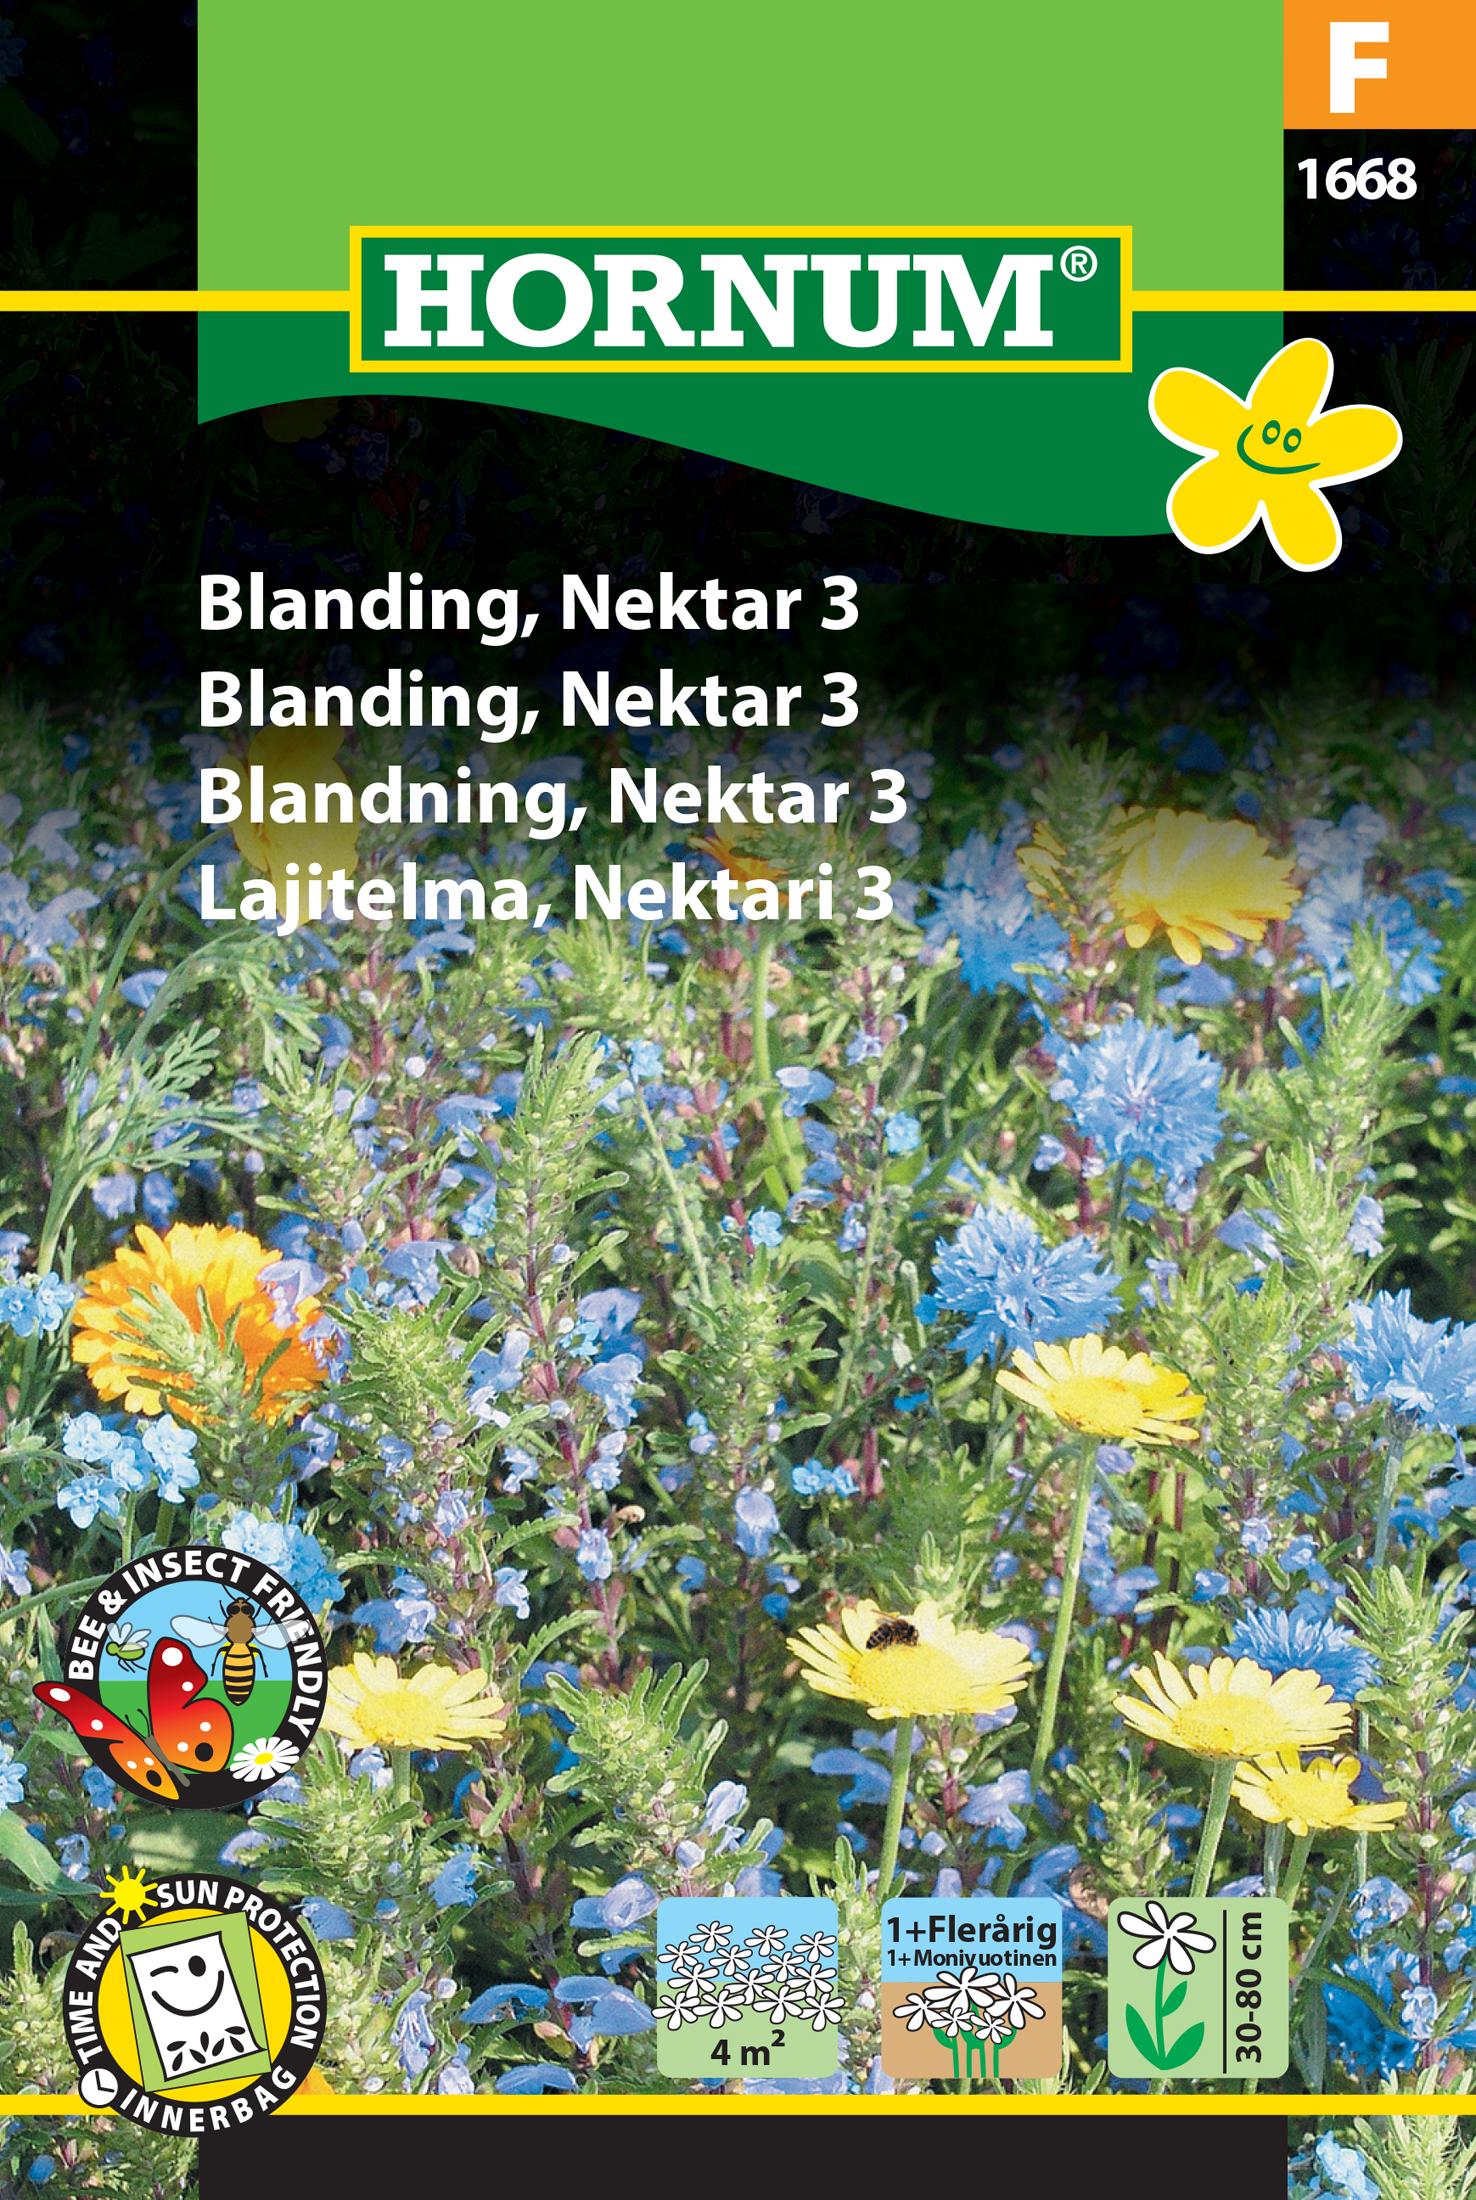 Blomster blandning, Nektar 3